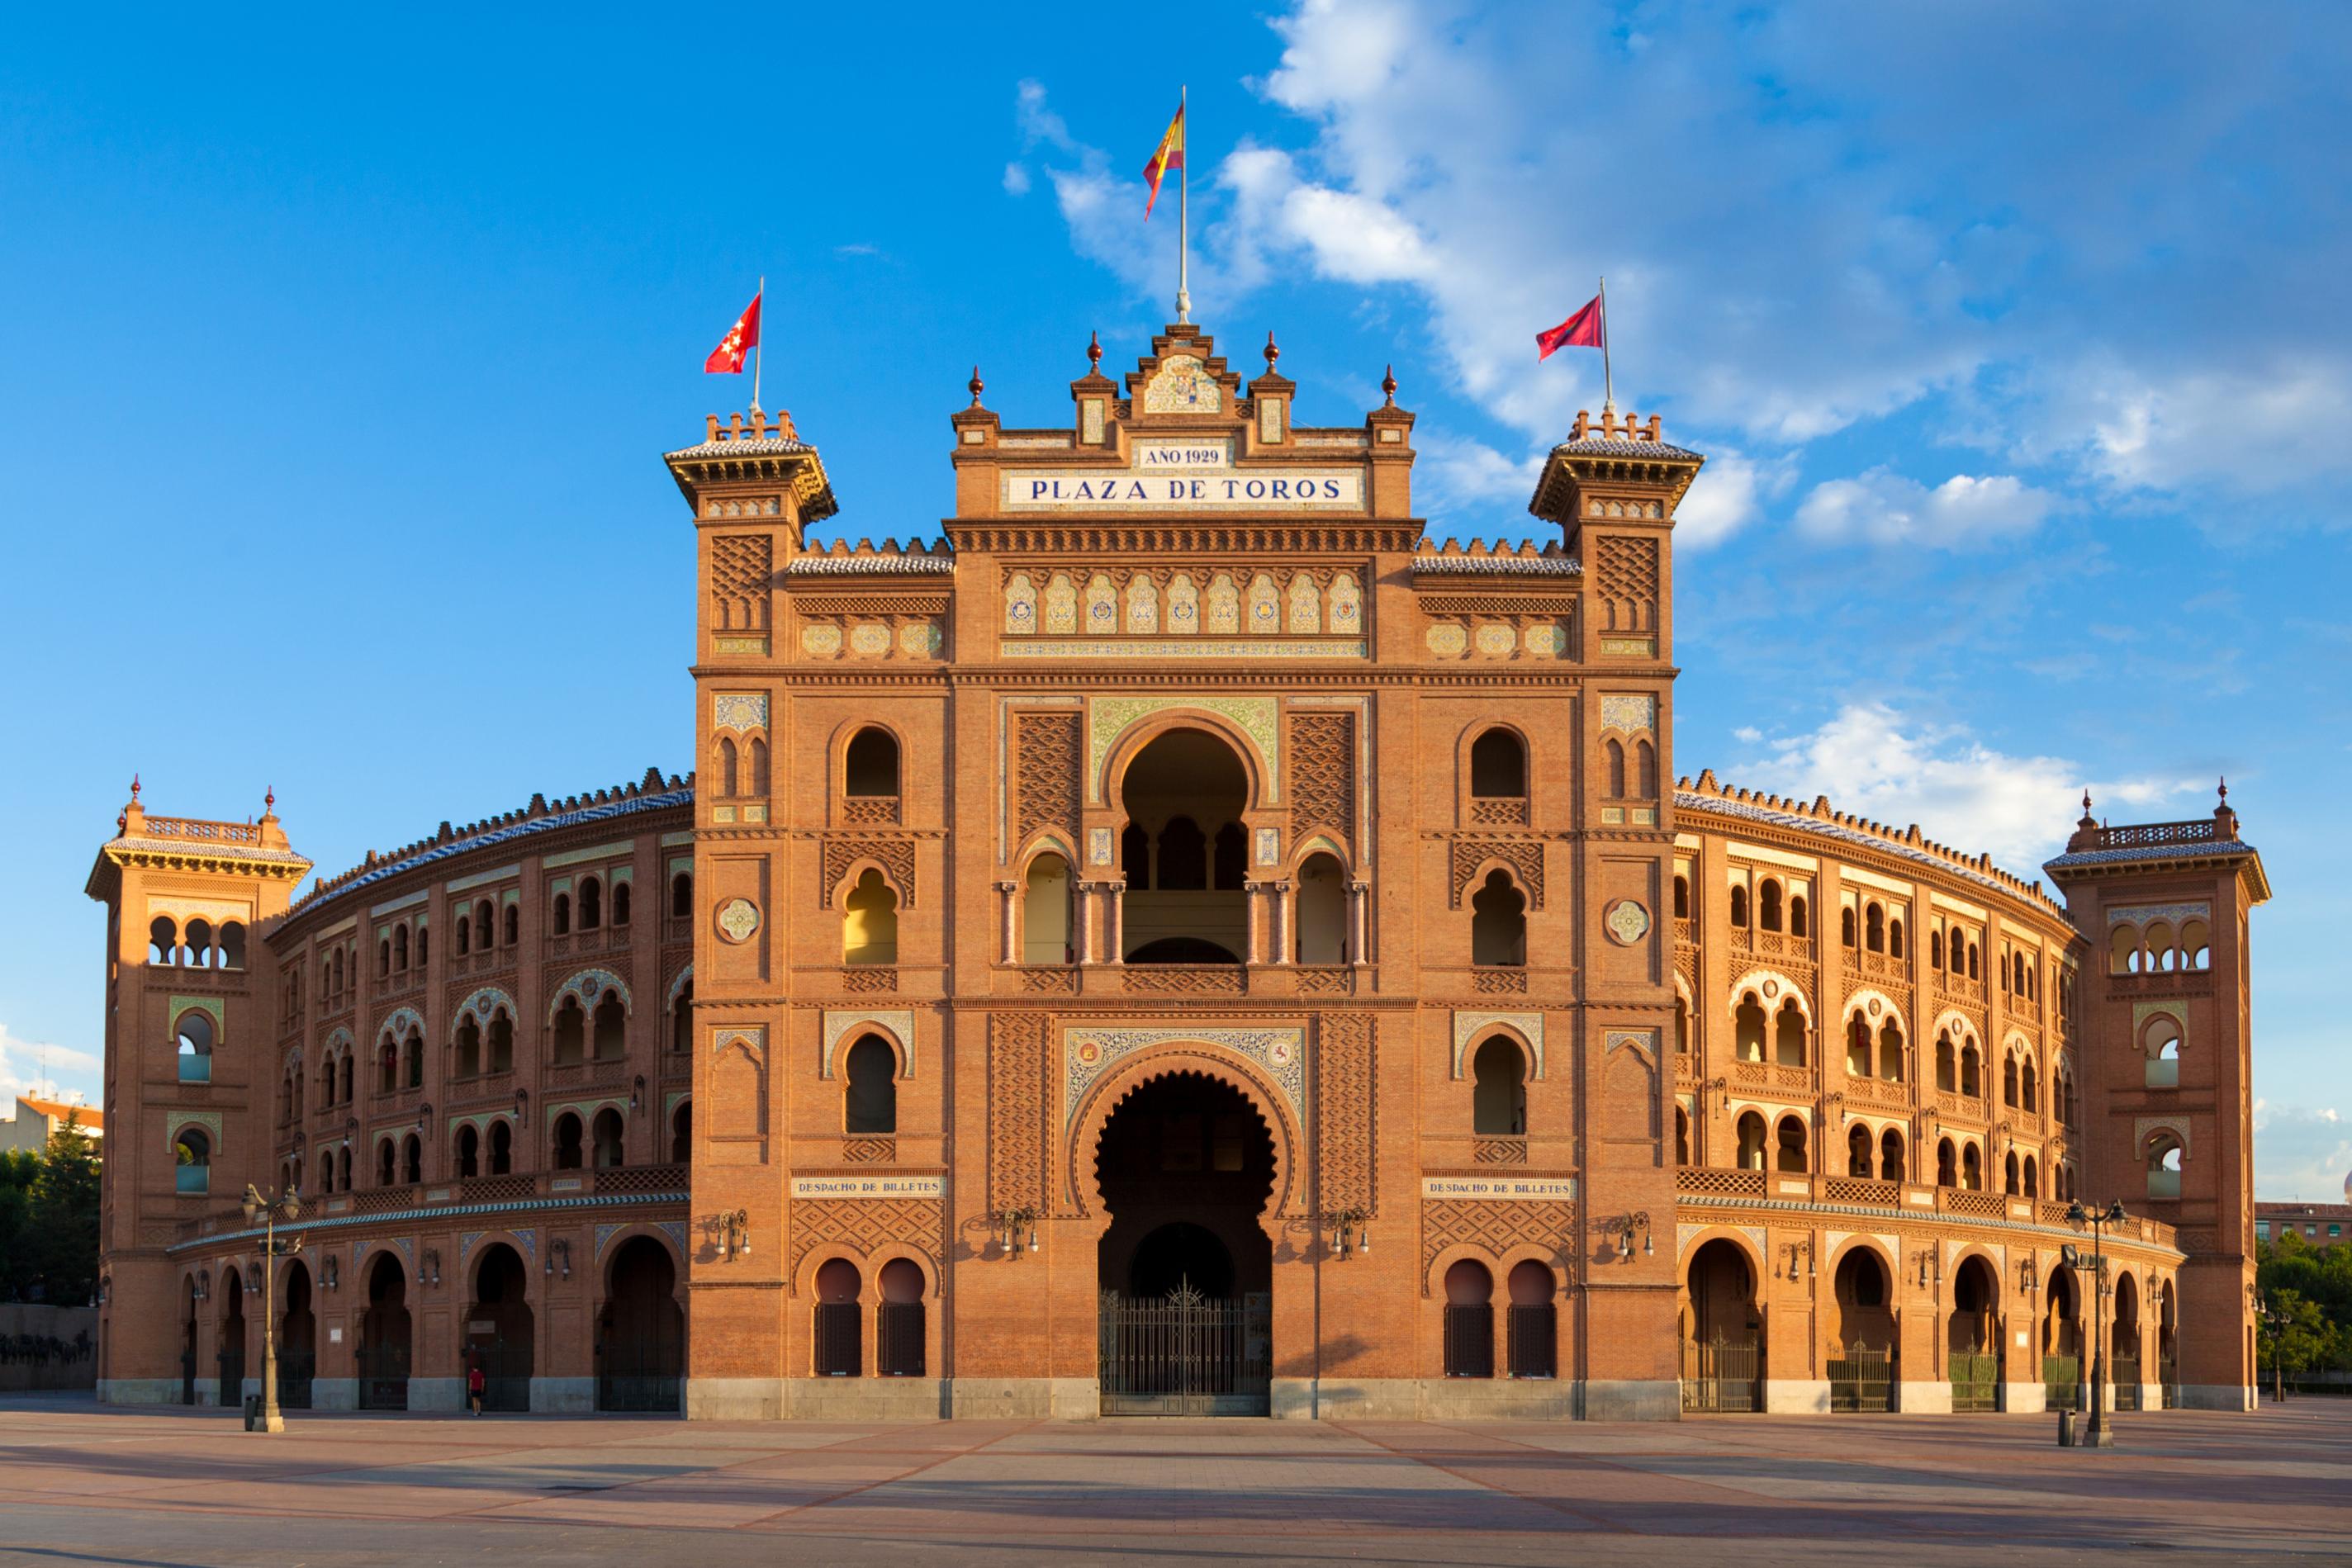 TLAXCALA PROMUEVE CULTURA; MADRID PREMIA Y CASTIGA